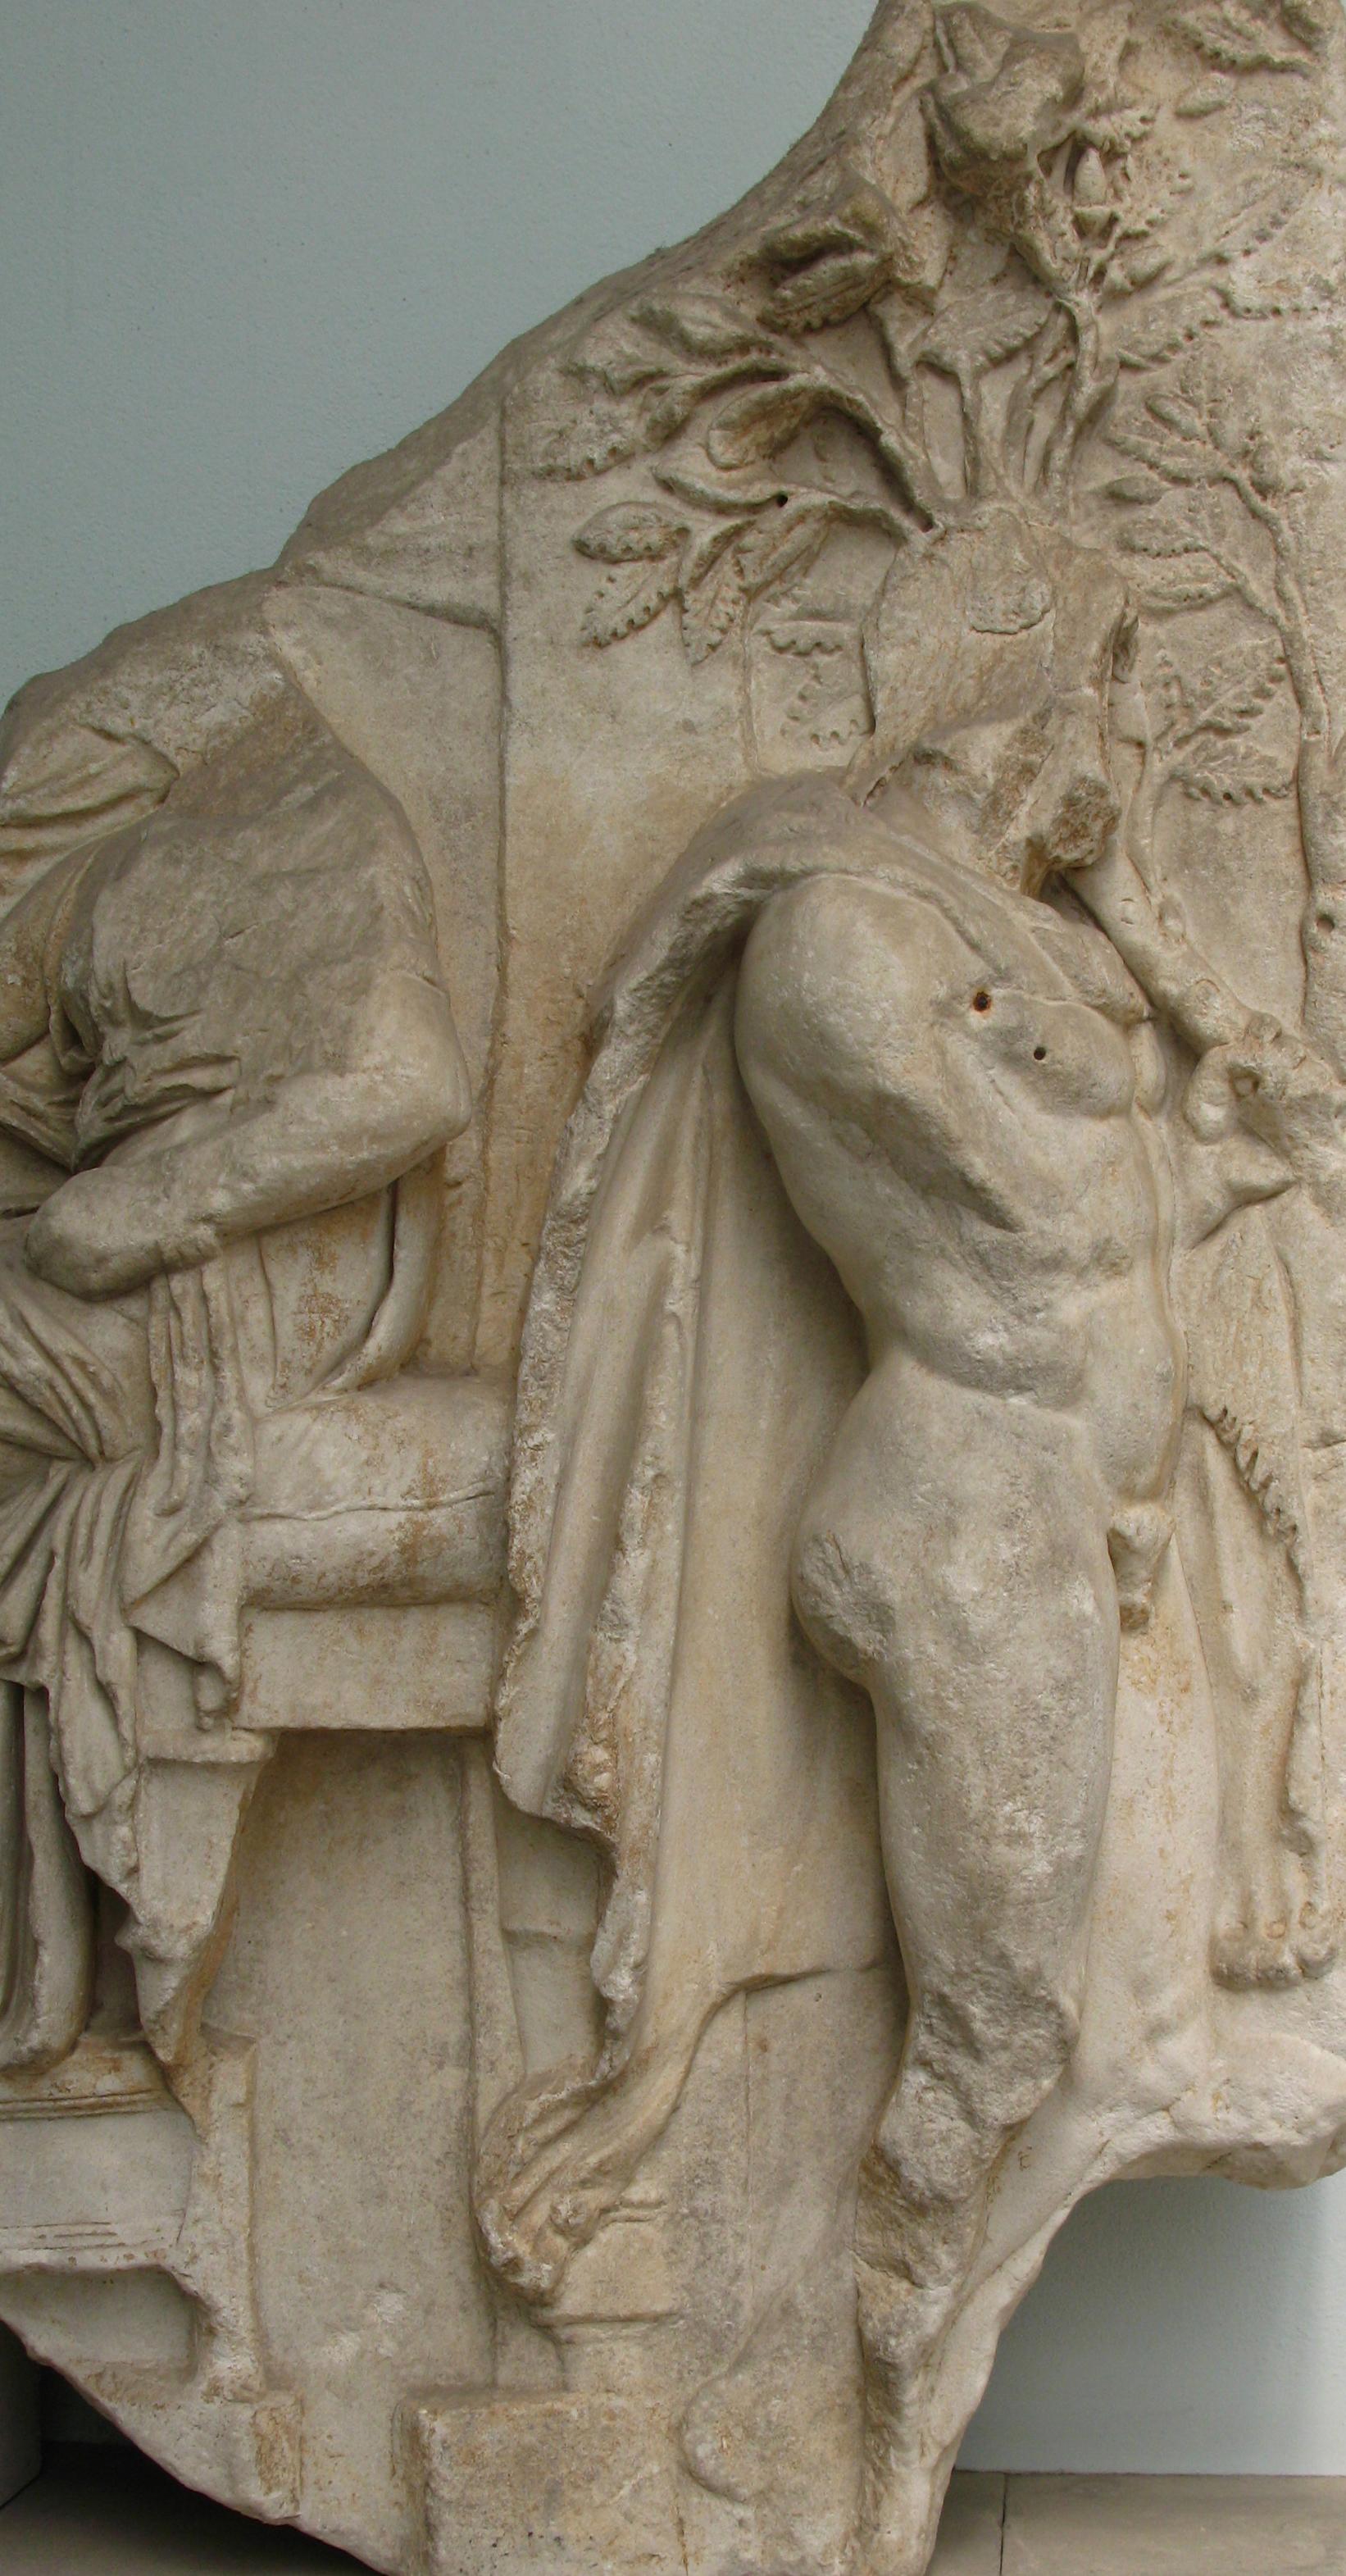 6º. O semideus Héracles vê a sacerdotisa Auge, do friso do Rei Télefo.